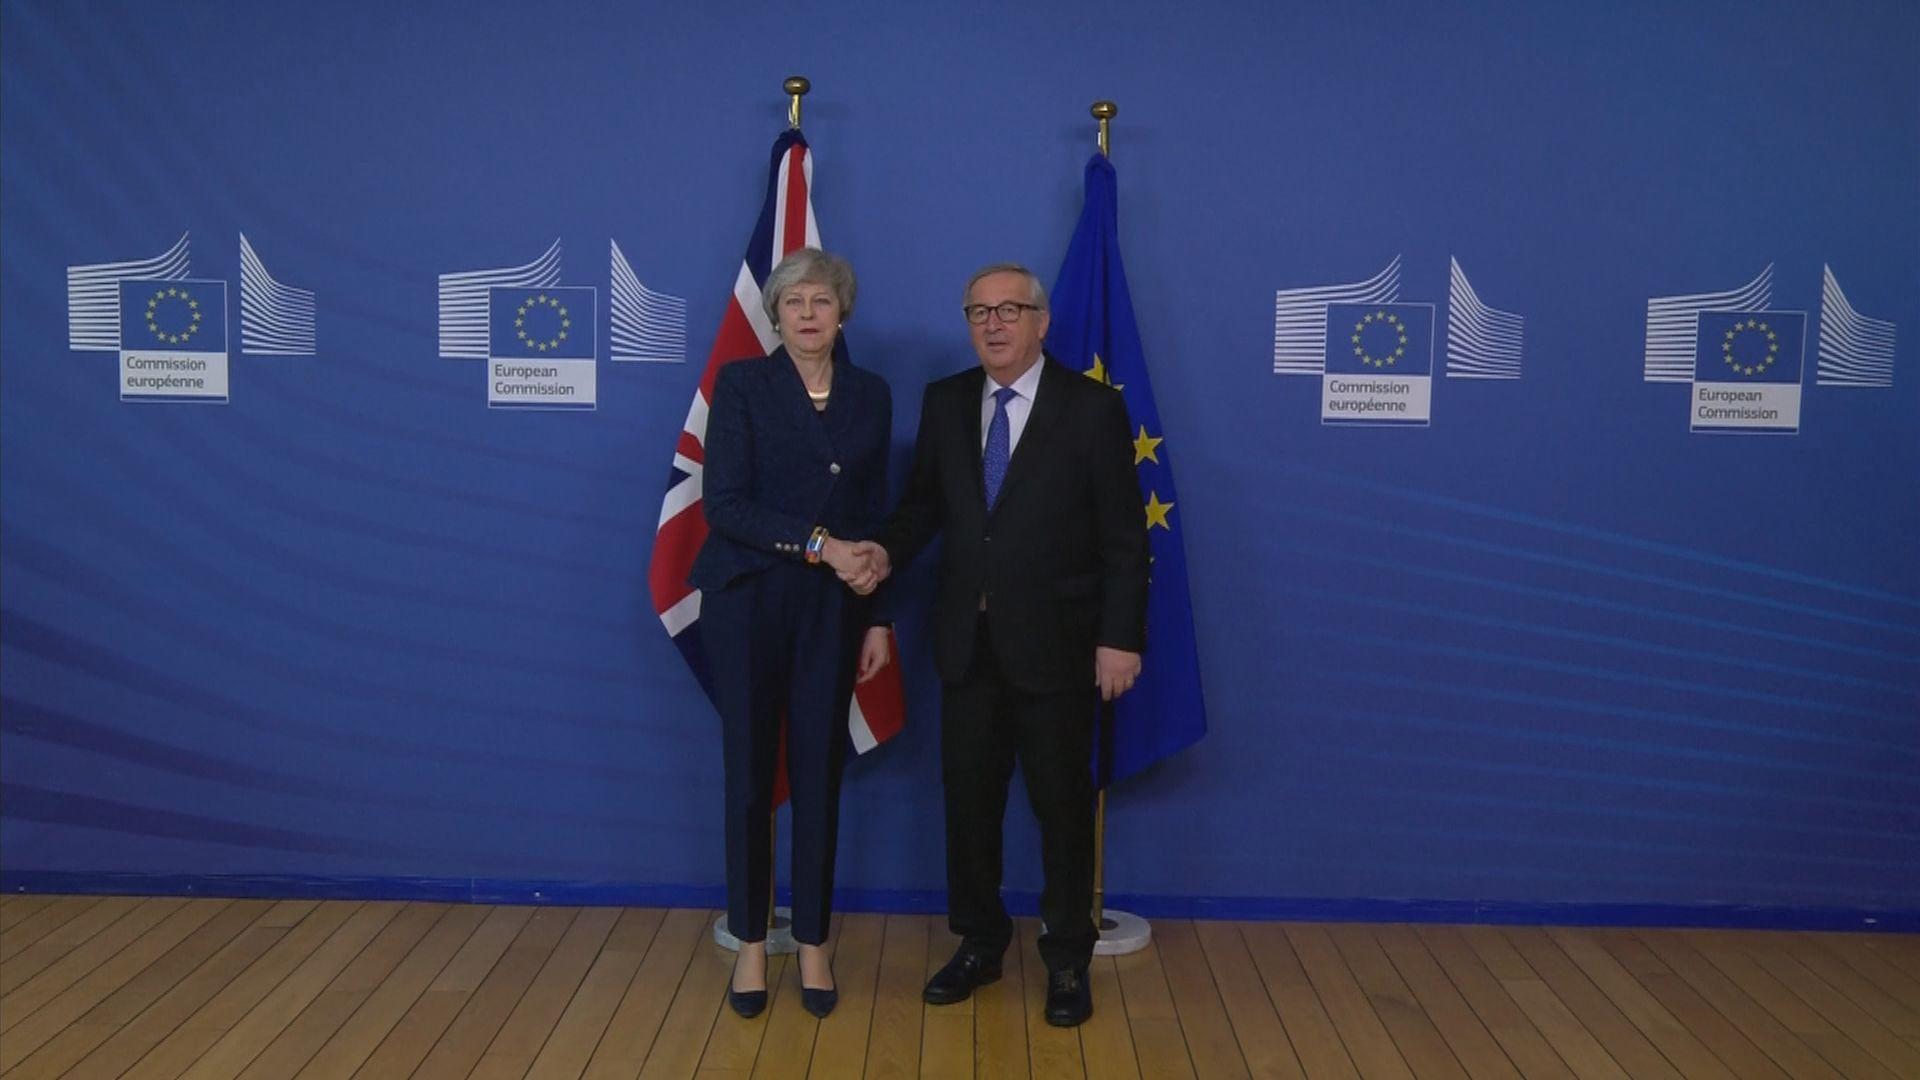 文翠珊冀爭取多點時間與歐盟磋商